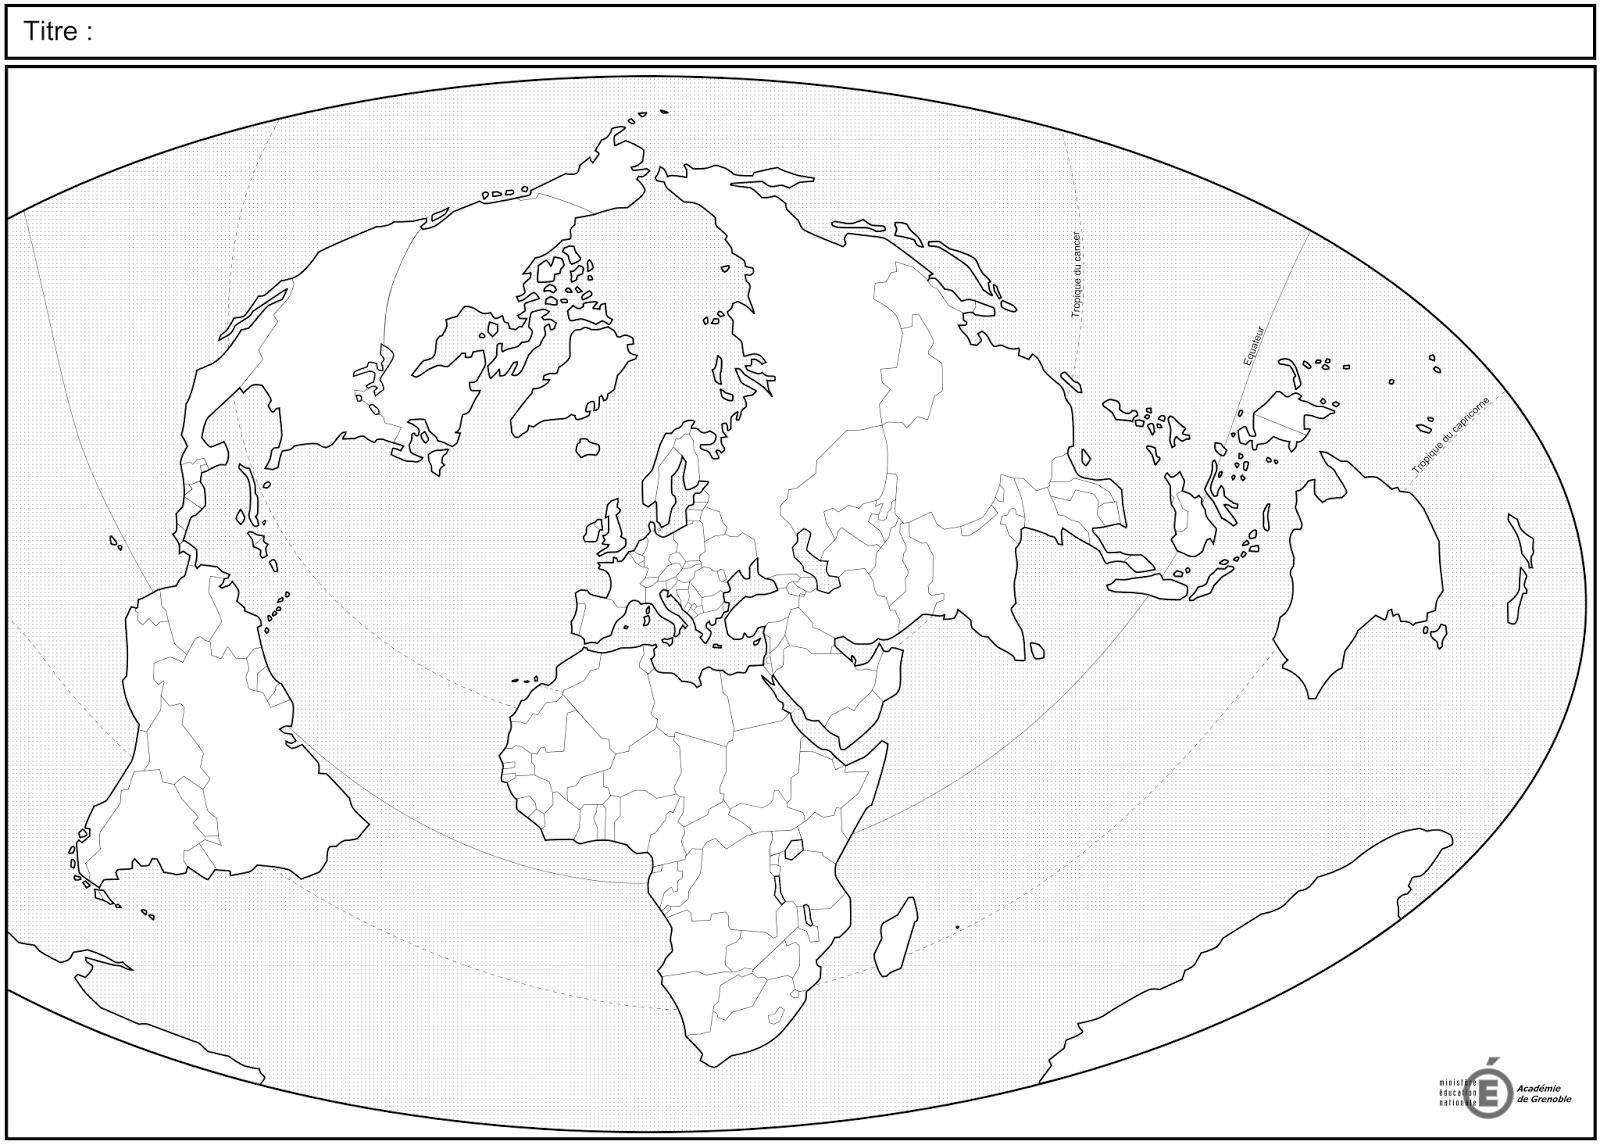 Fond De Carte Bresil Vierge Bac.Inegale Integration Des Territoires Dans La Mondialisation Carte